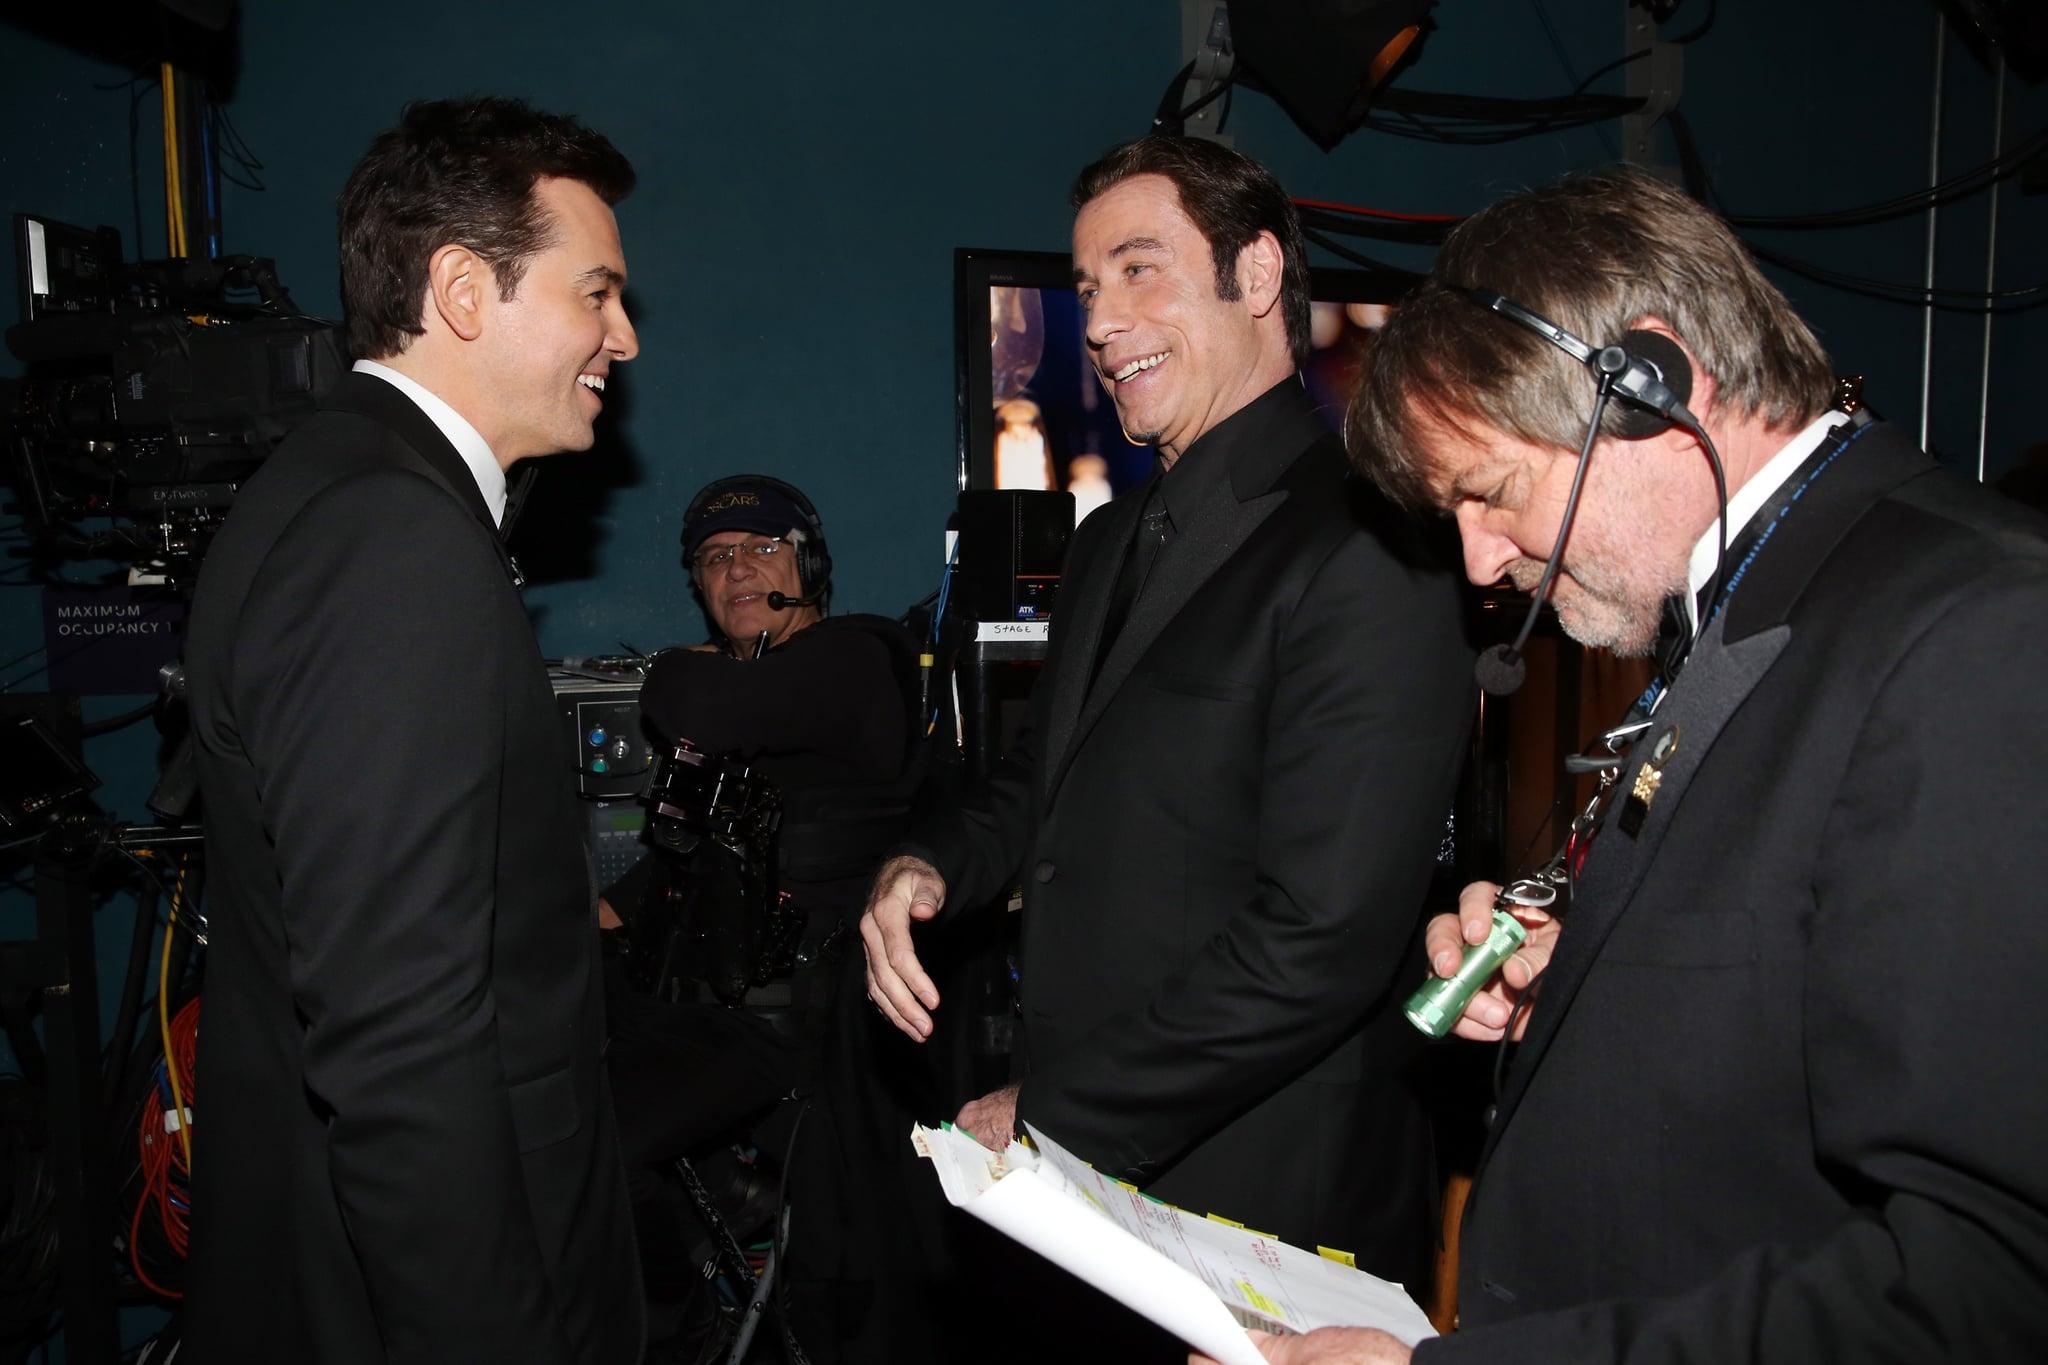 Seth MacFarlane and John Travolta backstage at the 2013 Oscars.